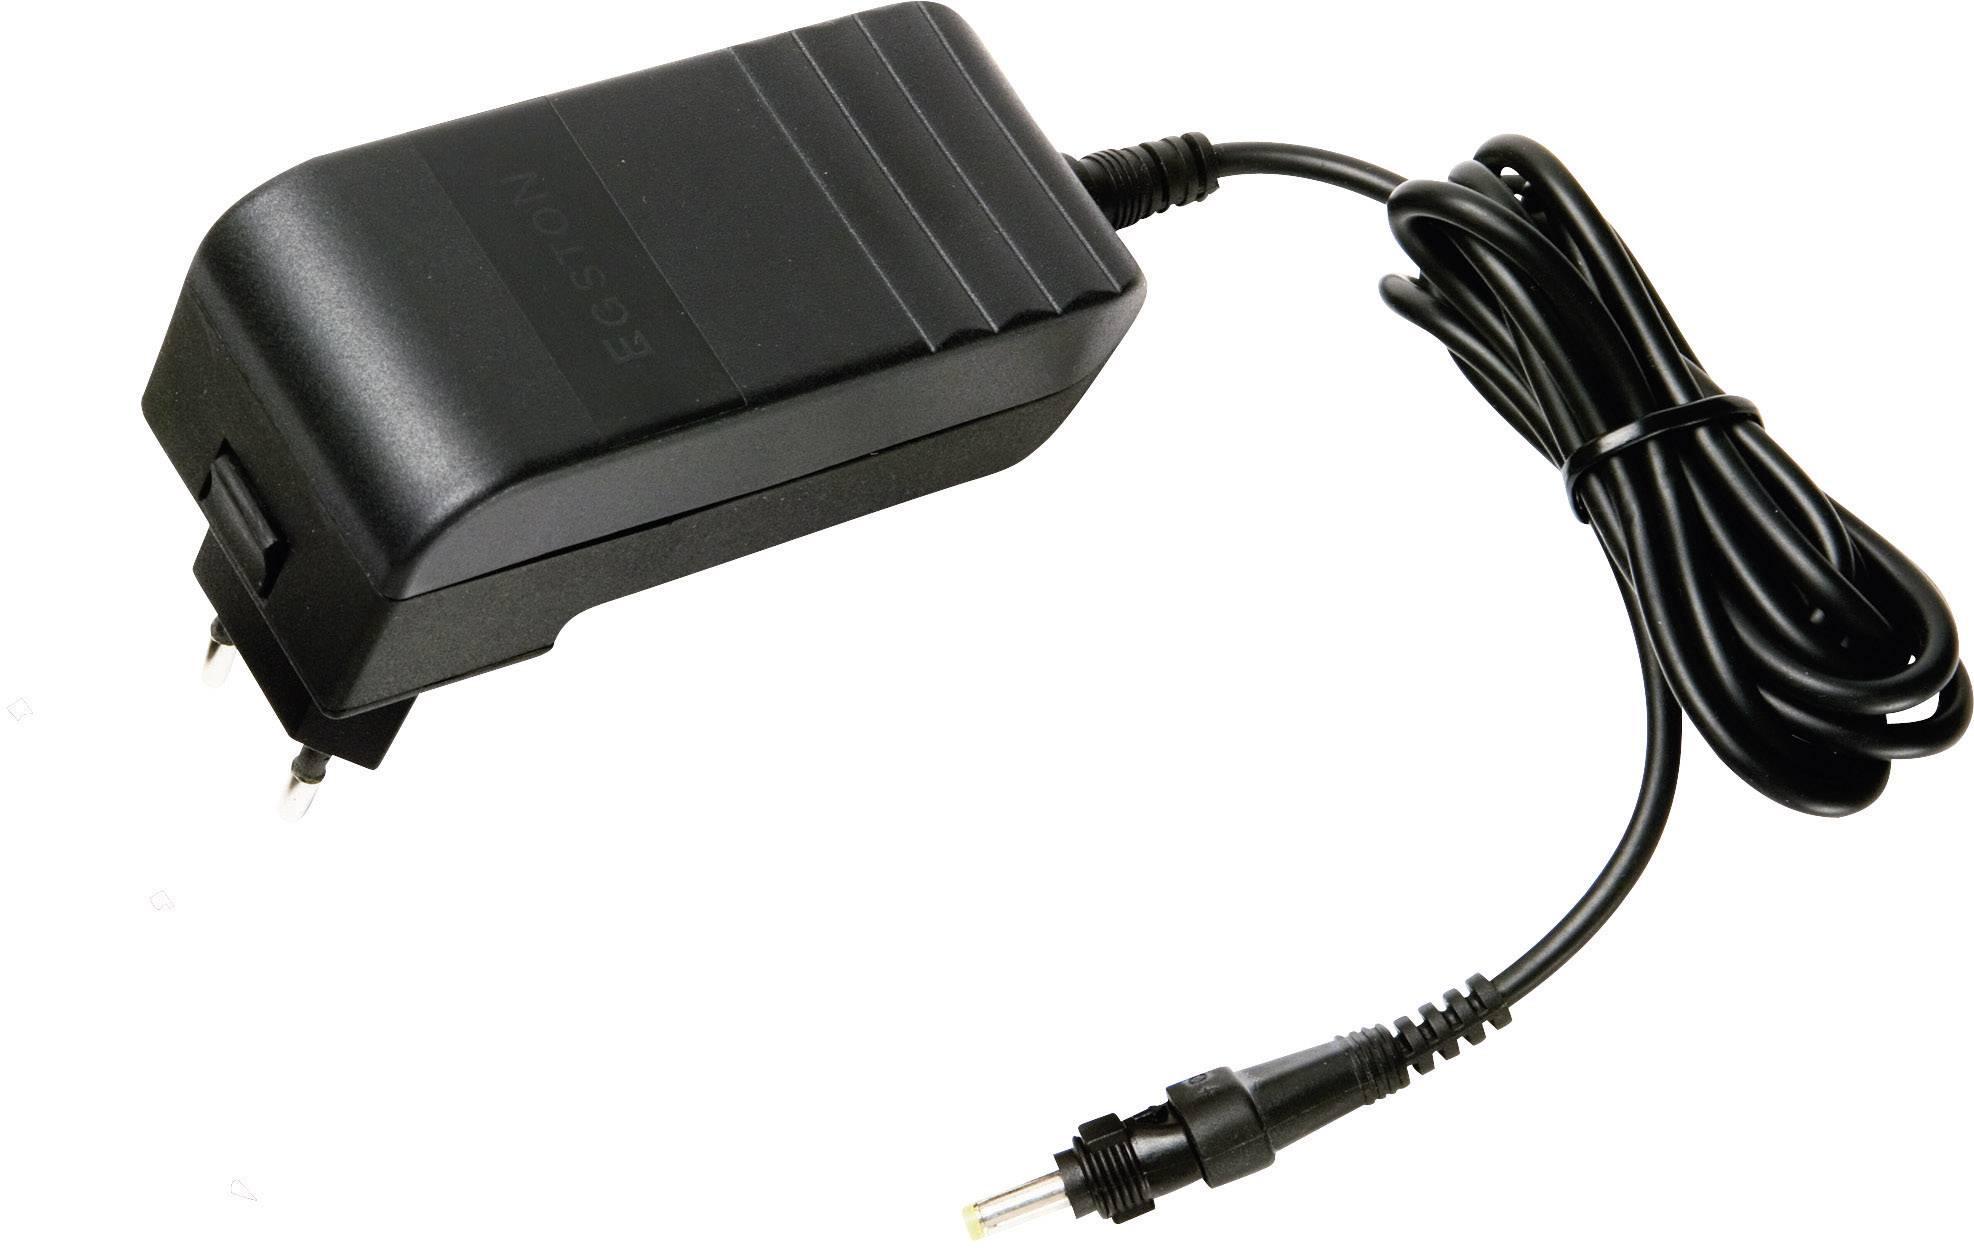 Zásuvkový adaptér so stálym napätím Egston 003920227, 30 W, 1.67 A